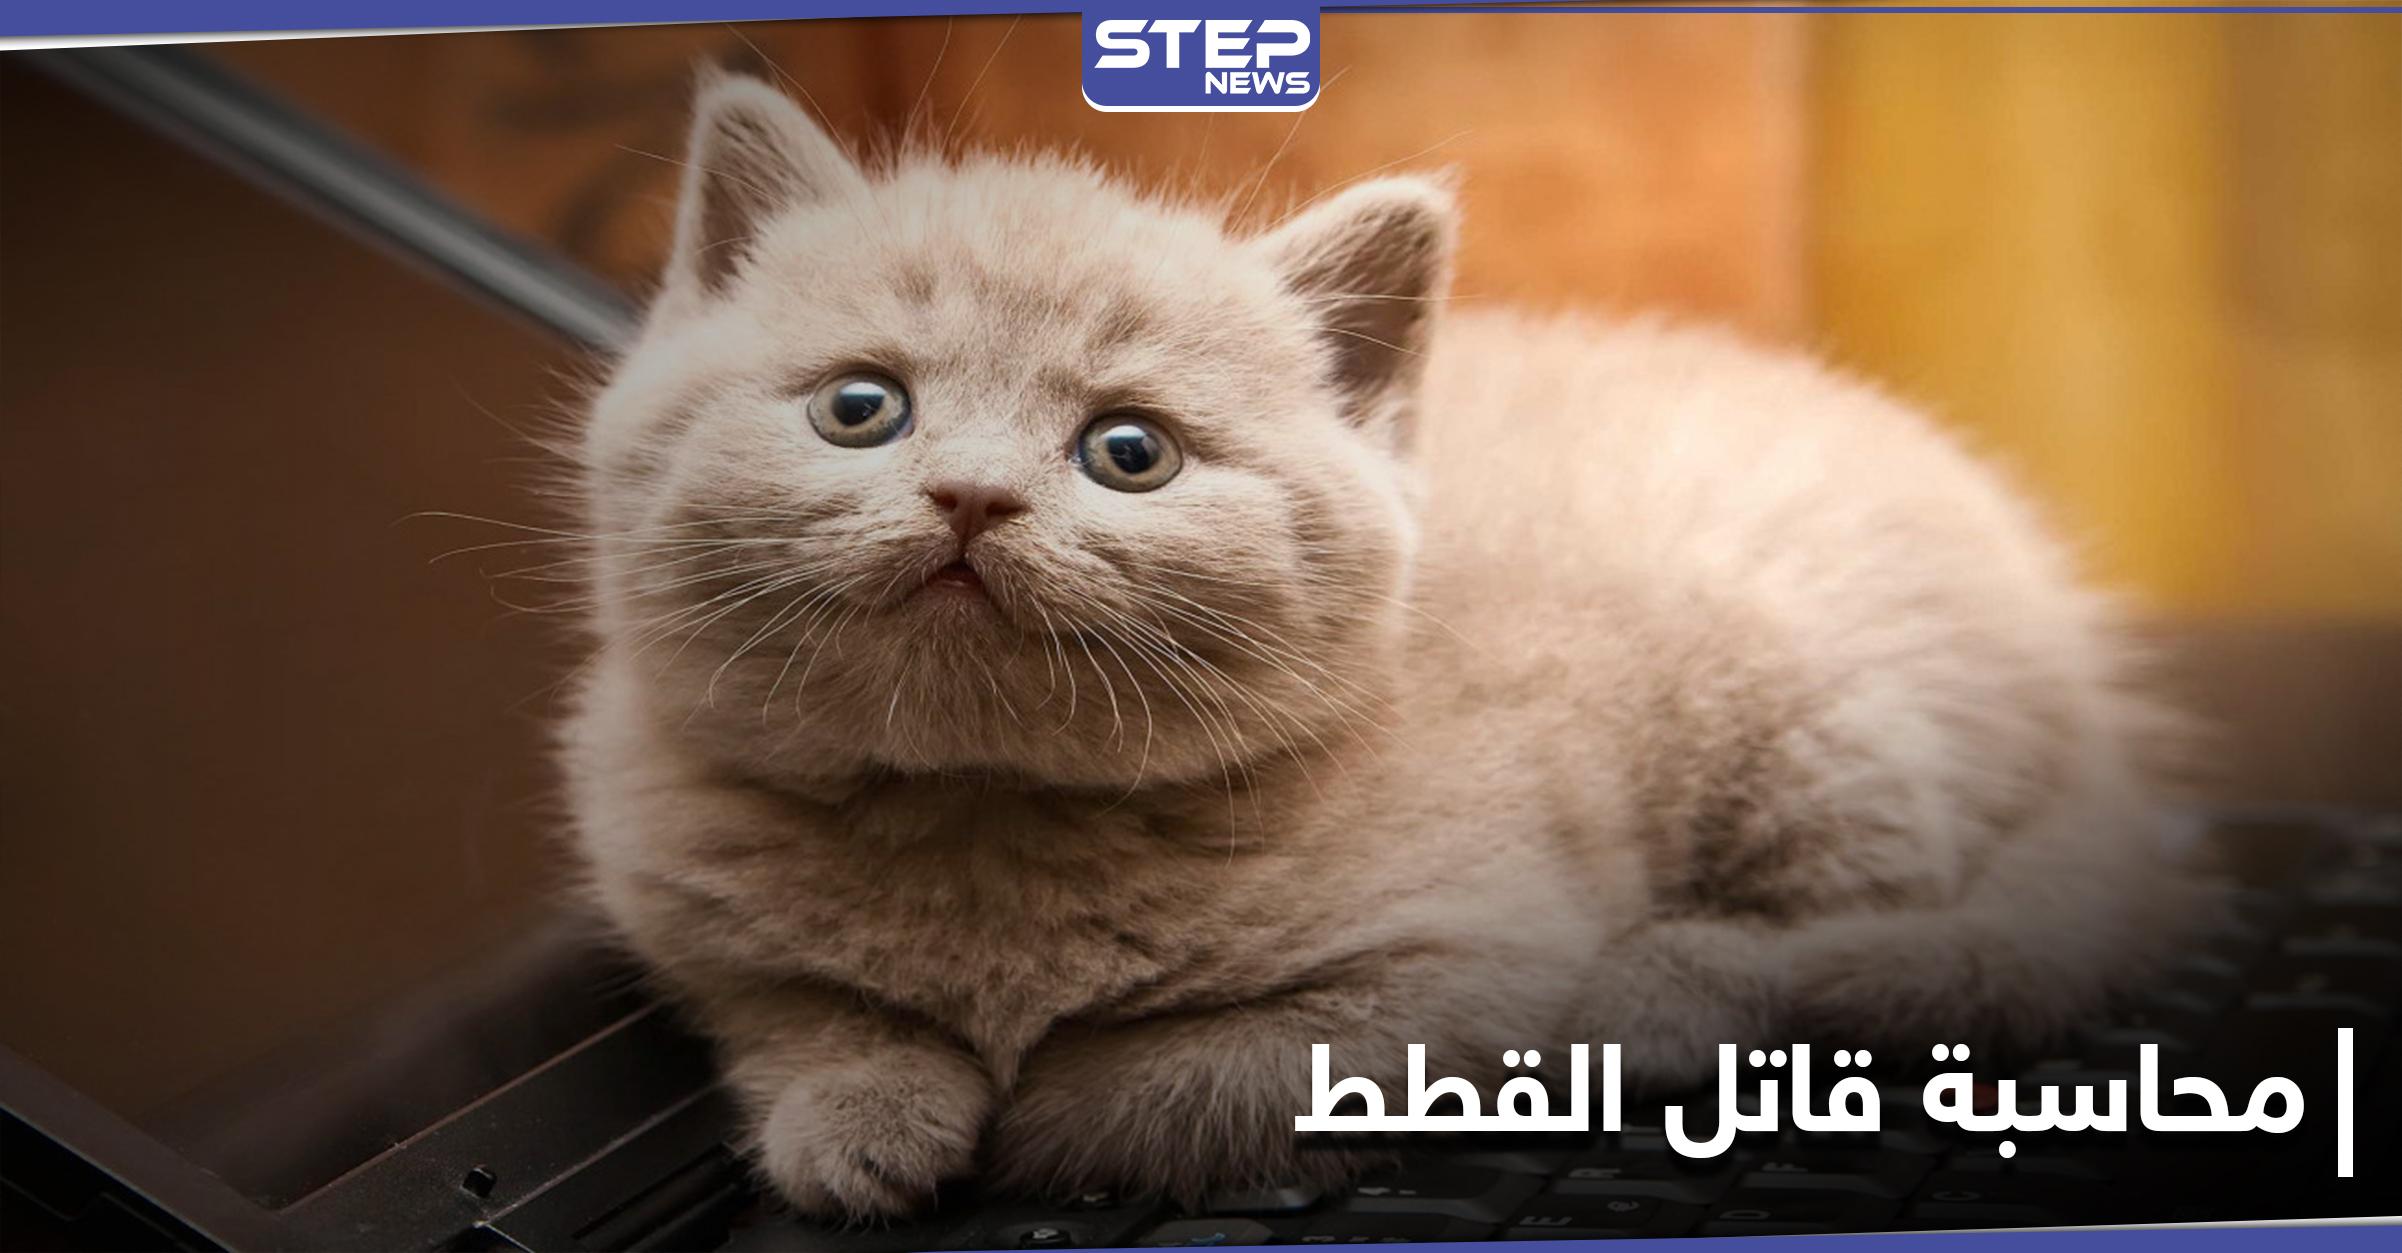 غضب في الكويت بعد قتل قطتين صغيرتين بطريقة مستفزة على يد مواطن ومطالبات بمحاسبته